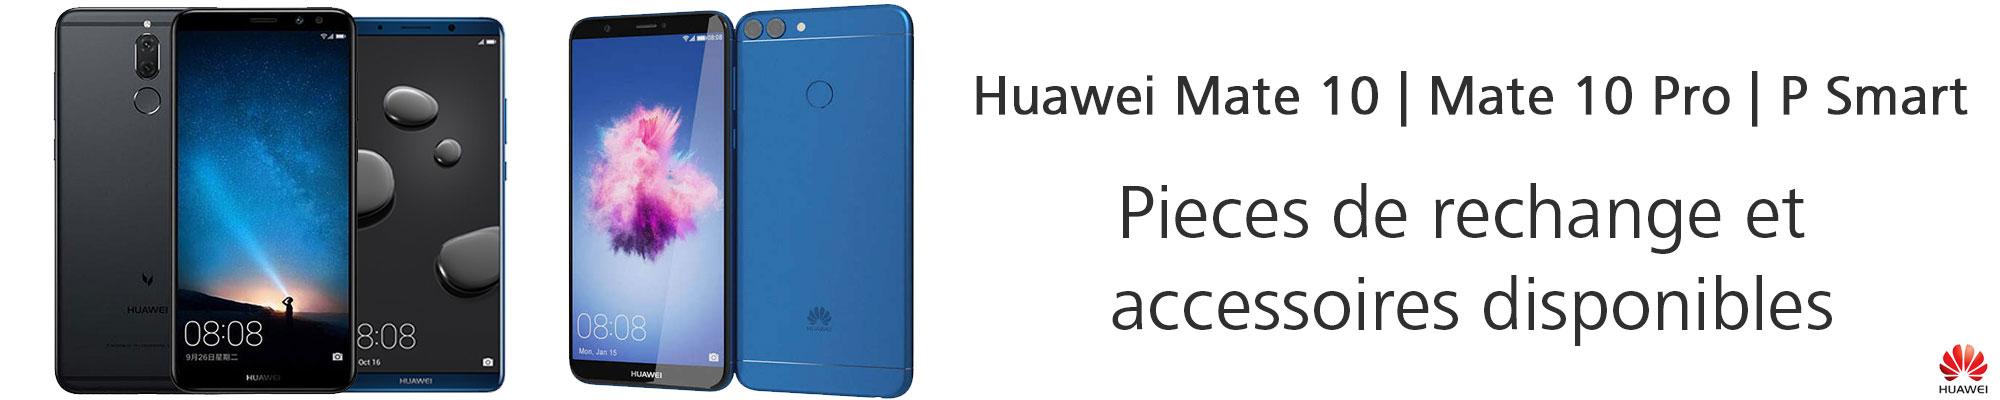 Nouvelles pièces de rechange et accessoires disponibles pour Huawei Mate 10, Mate 10 Pro and P Smart